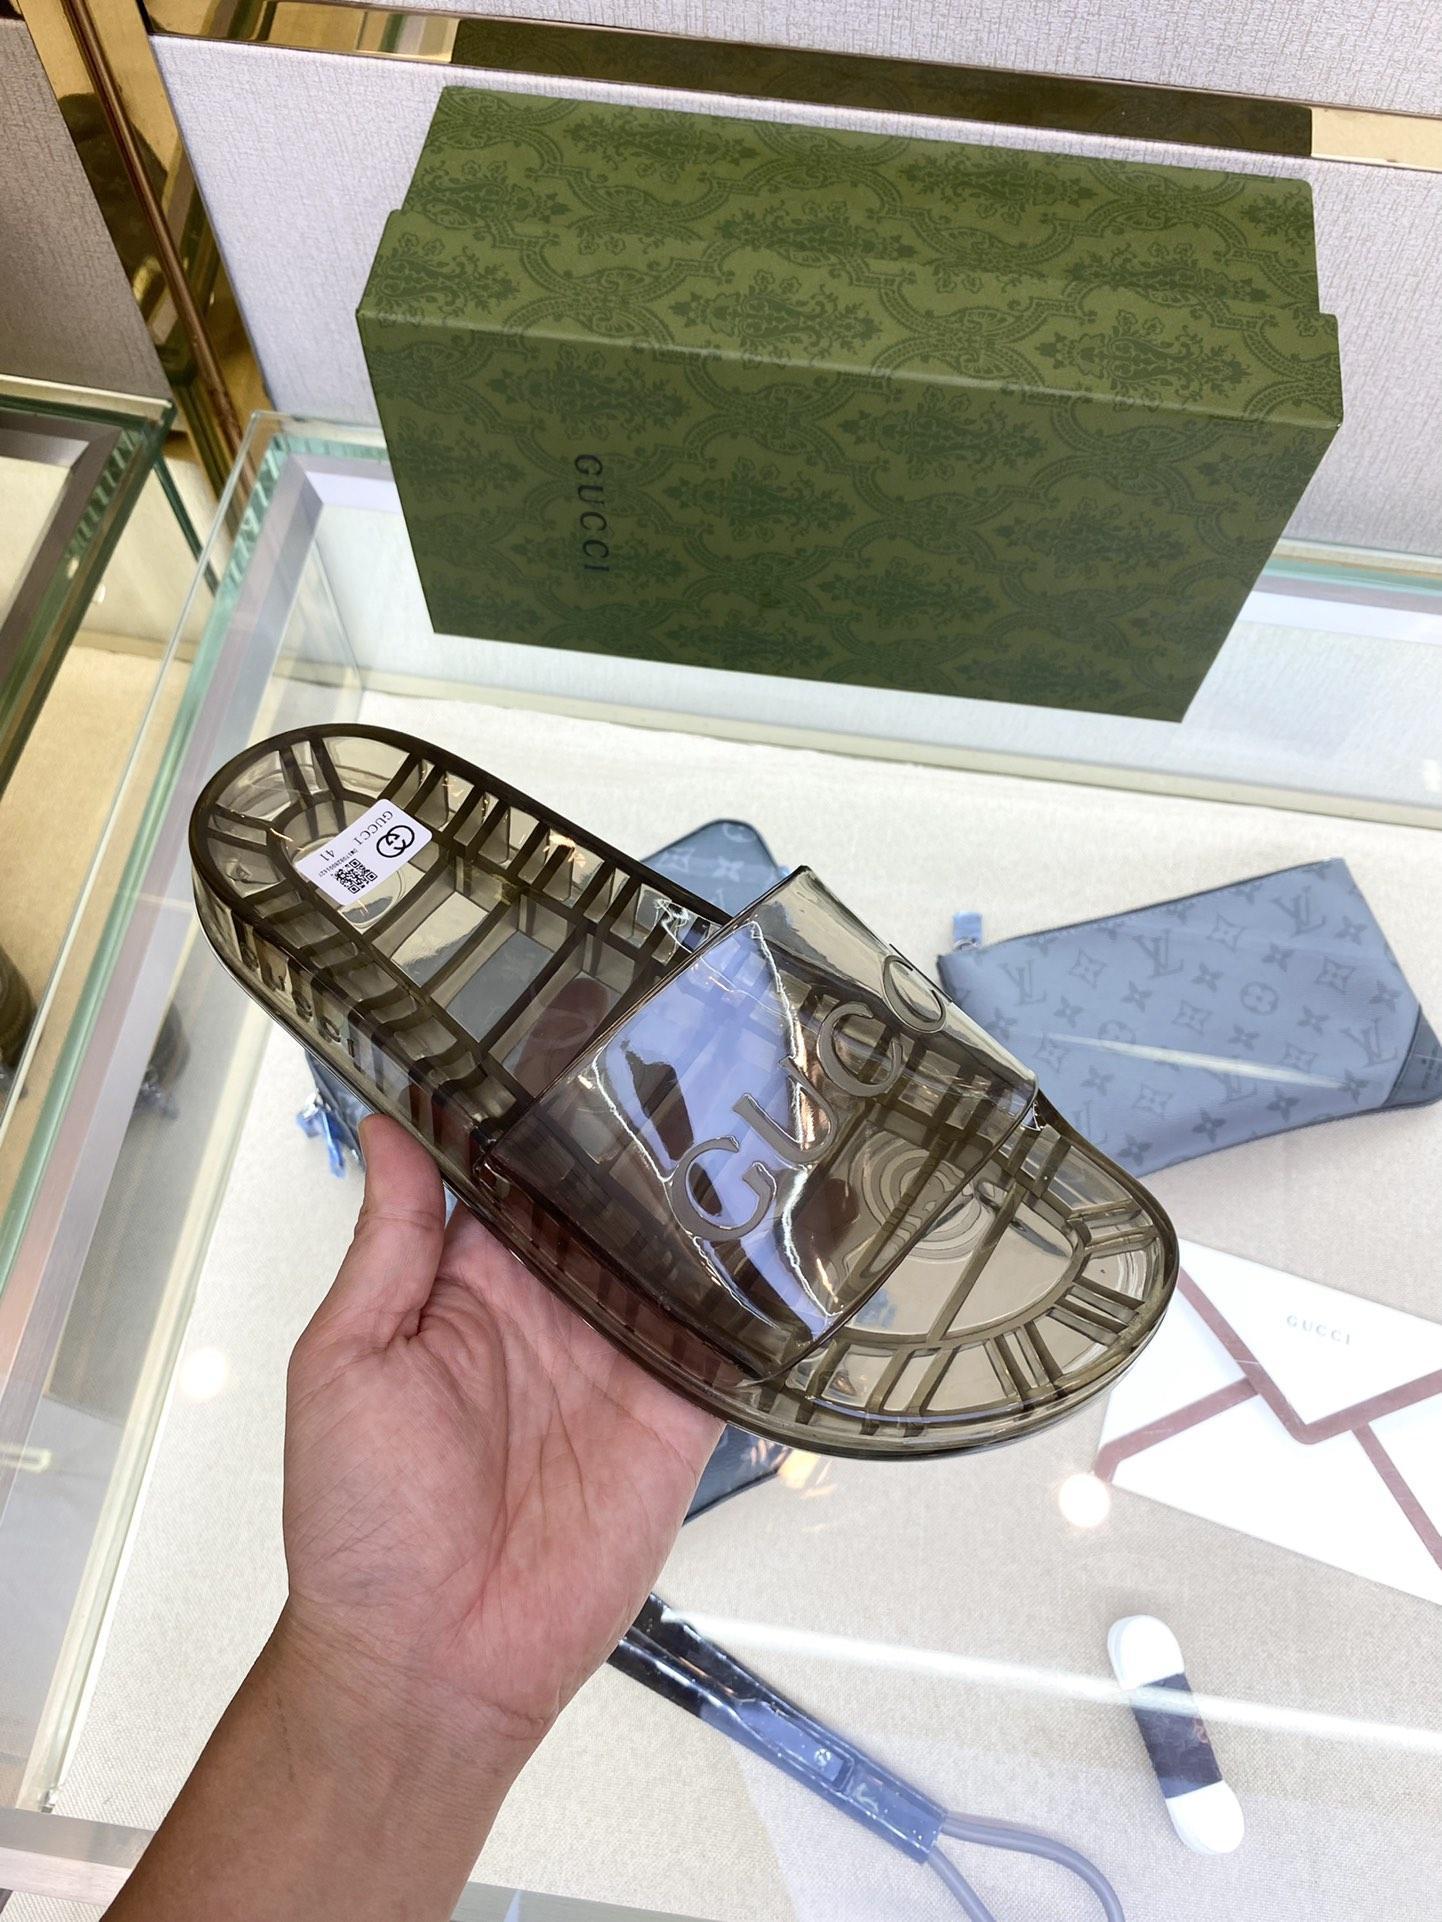 hot    men slippers    beach shoe    loafer     *i flip flop sandal indoor shoes 14